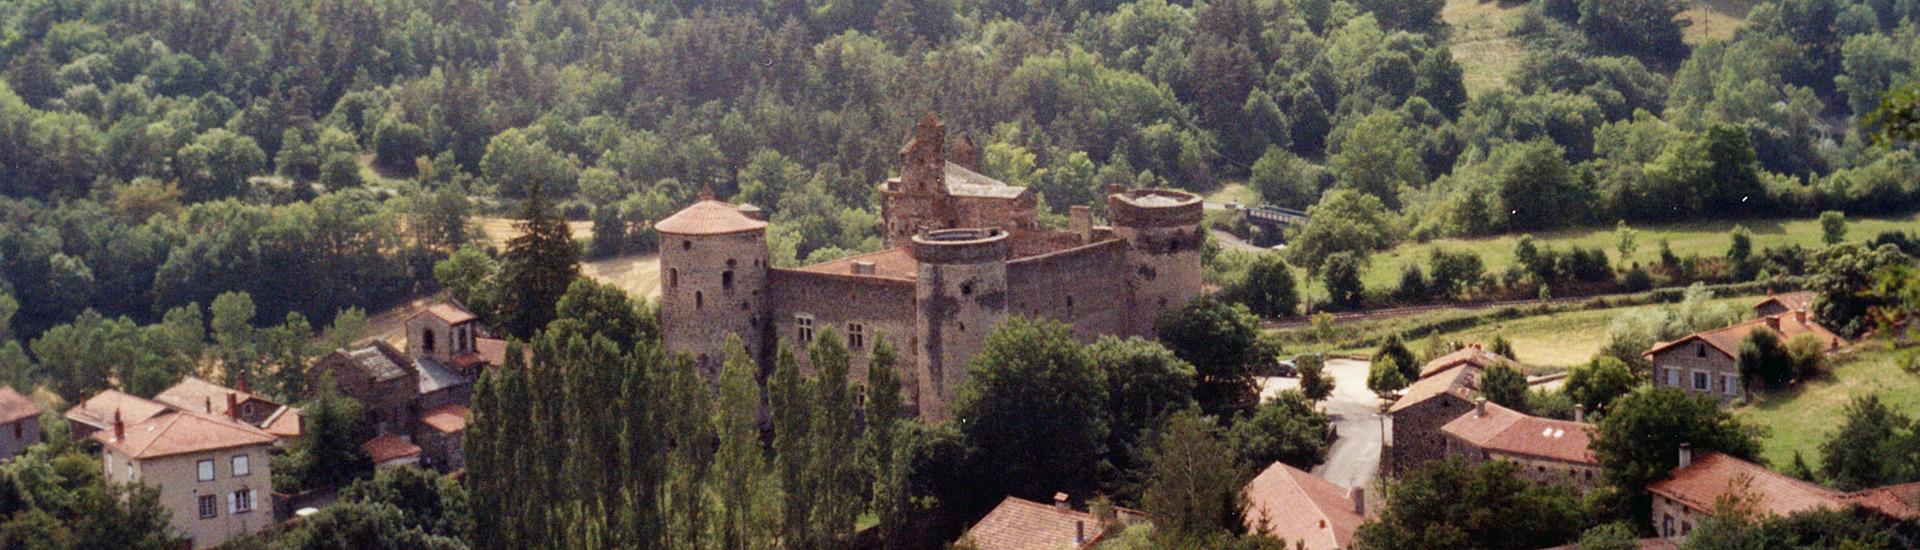 Château de St Vidal